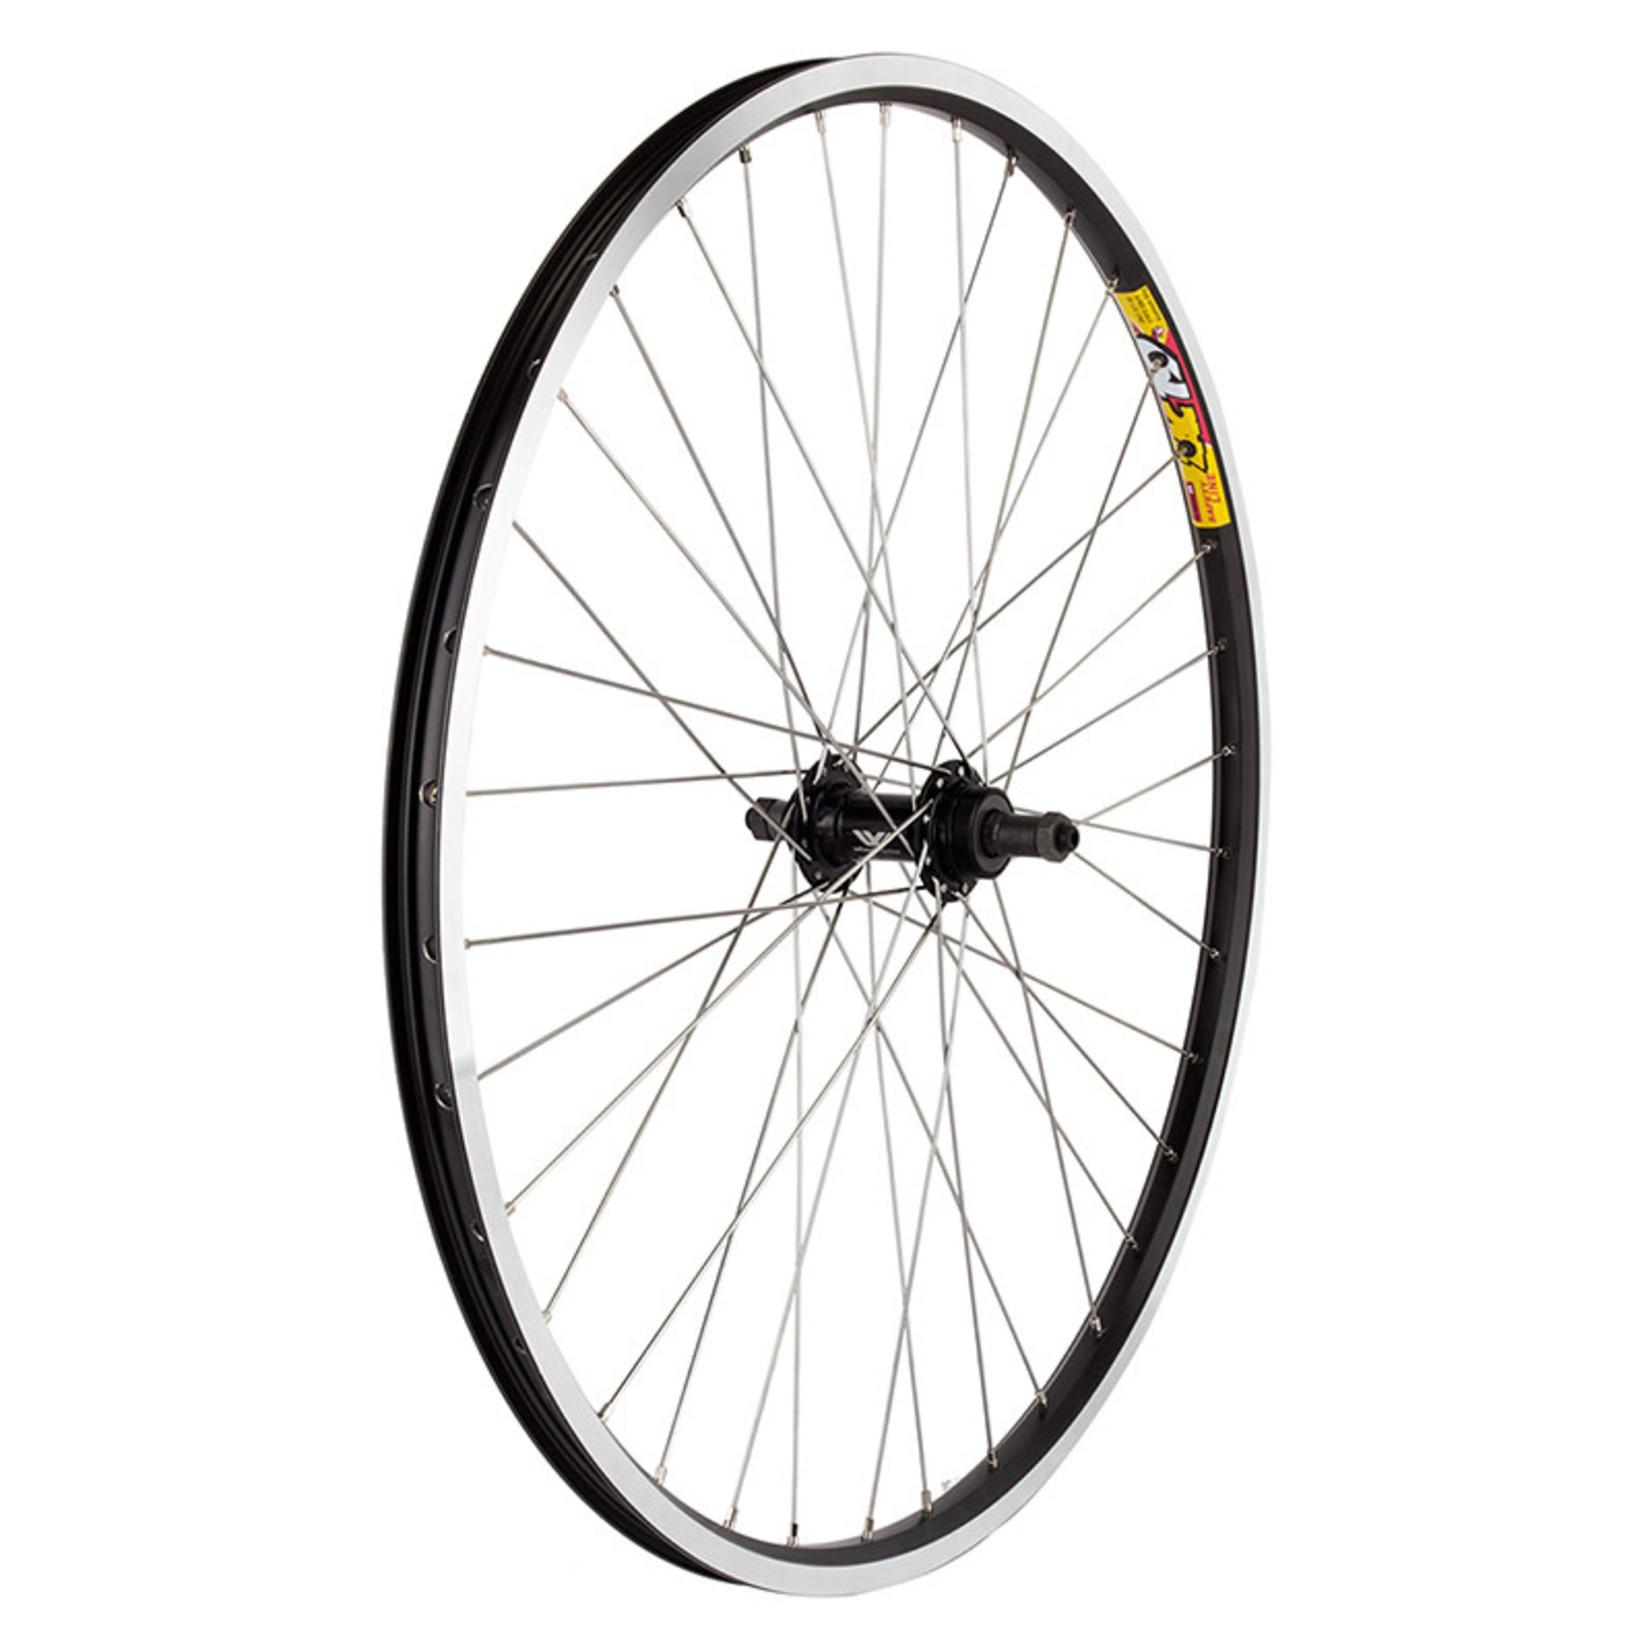 """26"""" Rear Wheel Alloy Mountain Double Wall FW QR 135mm 14g Black w/MSW"""